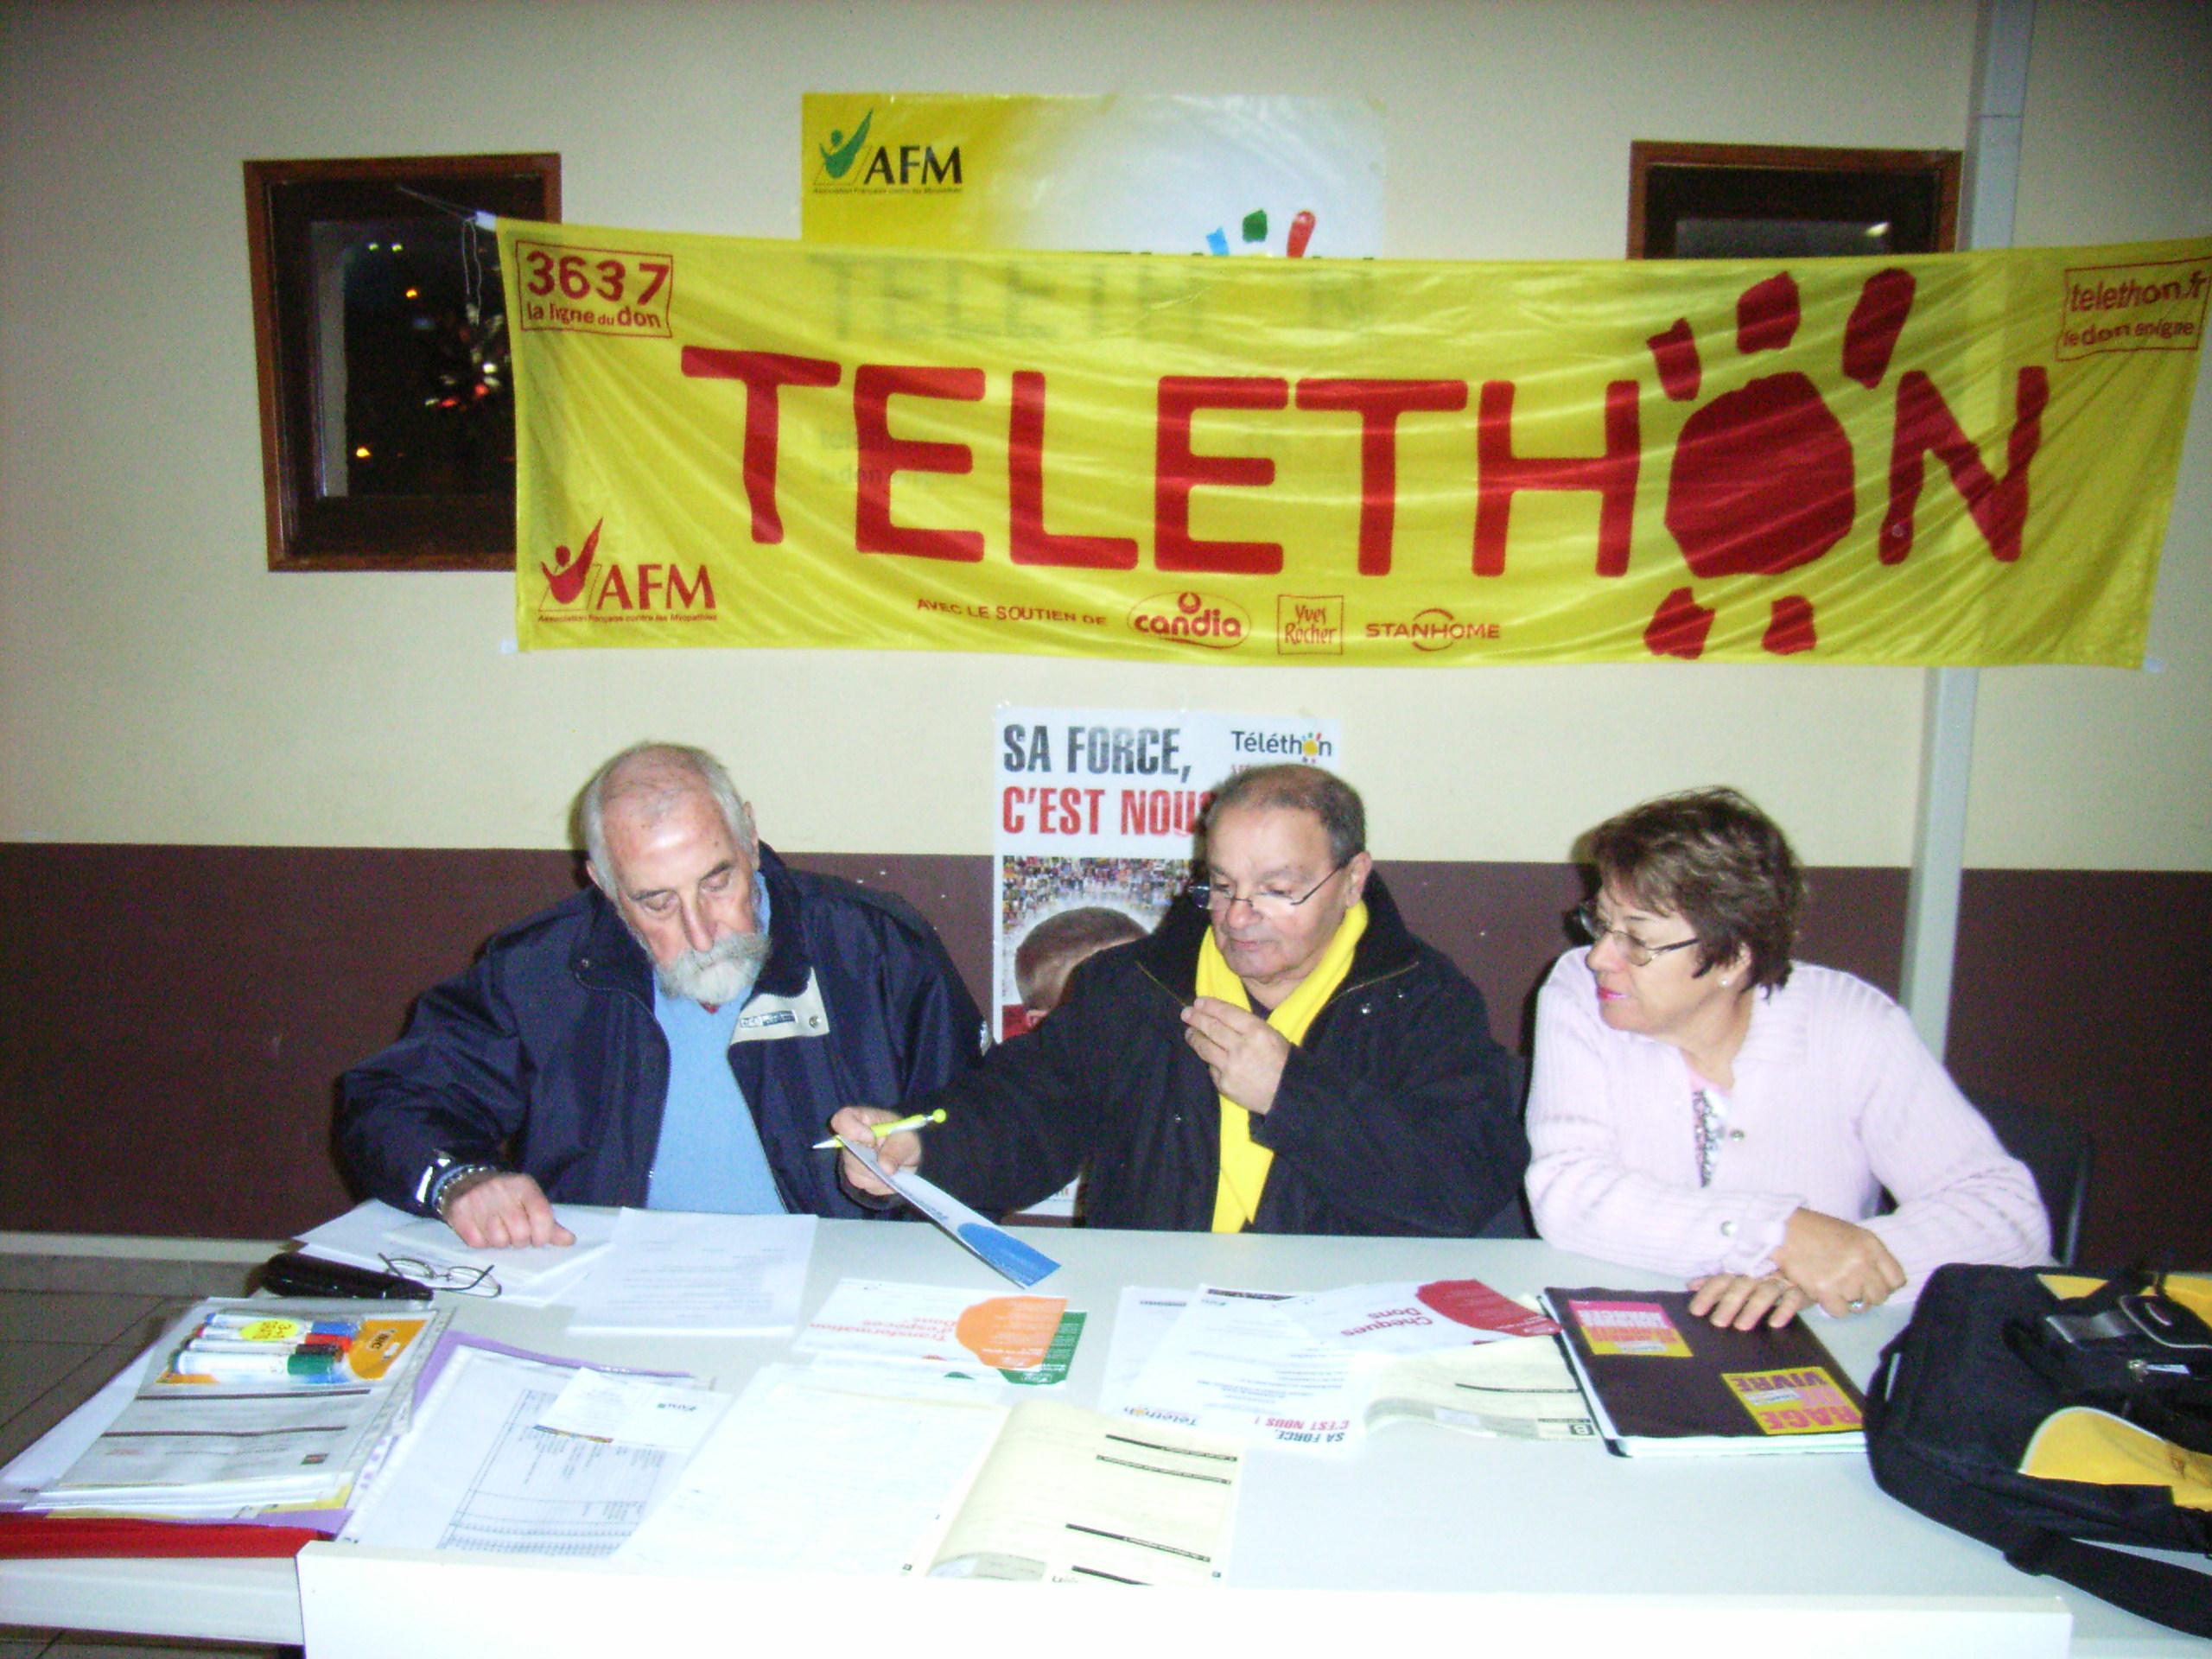 VHV TELETHON3